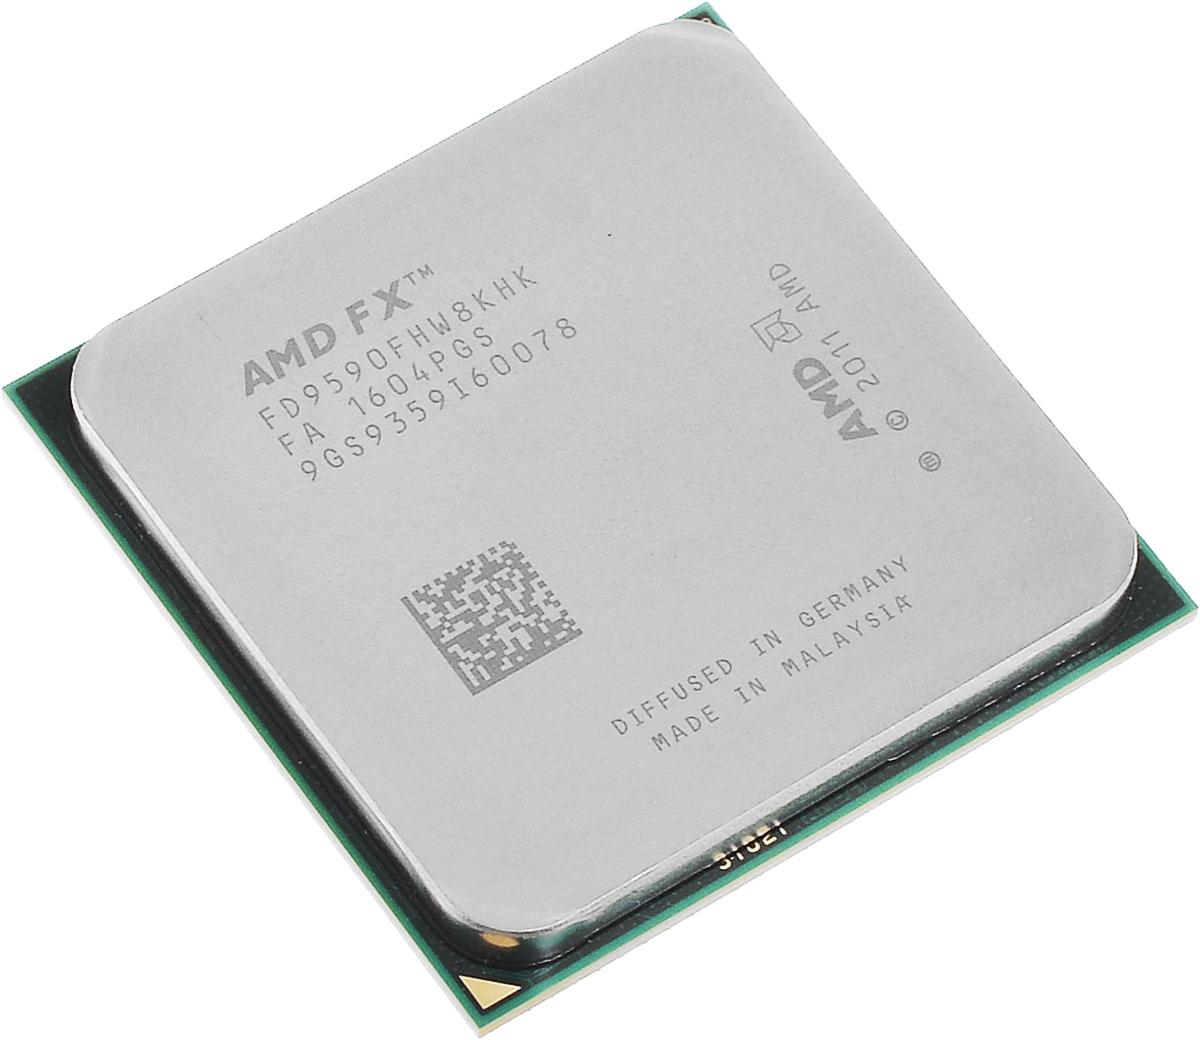 AMD FX-9590 процессор (FD9590FHW8KHK)FD9590FHW8KHKПроцессор AMD FX-9590 подойдет для настольных персональных компьютеров, основанных на платформе AMD. Данная модель имеет разблокированный множитель, а также встроенный двухканальный контроллер памяти DDR3.Процессор поддерживает все основные технологии AMD: AMD64Enhanced Virus Protection,HyperTransport,PowerNow! / CoolnQuiet,Turbo Core 3.0,Virtualization